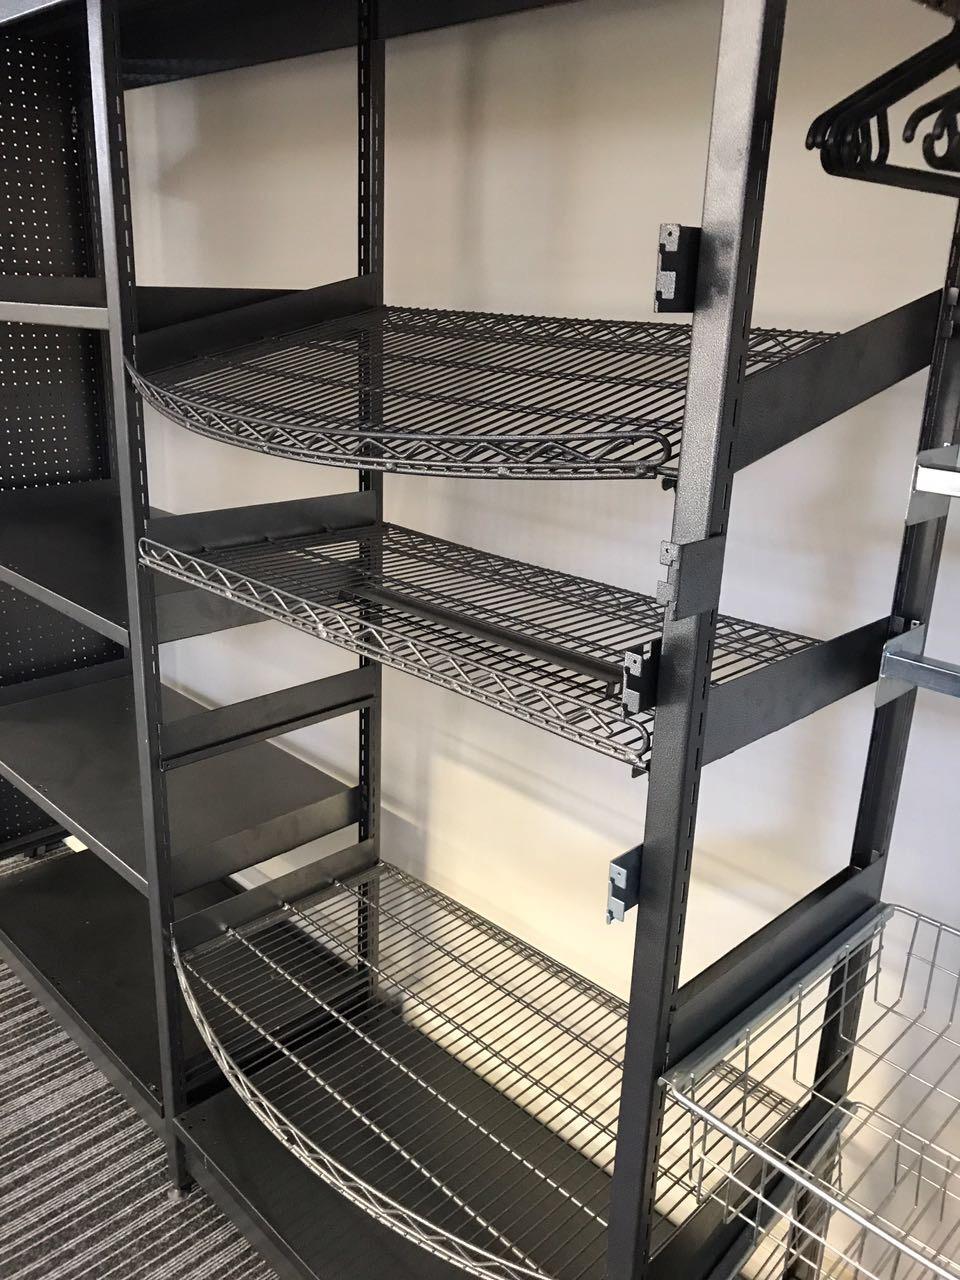 Storelab gondola wire shelving